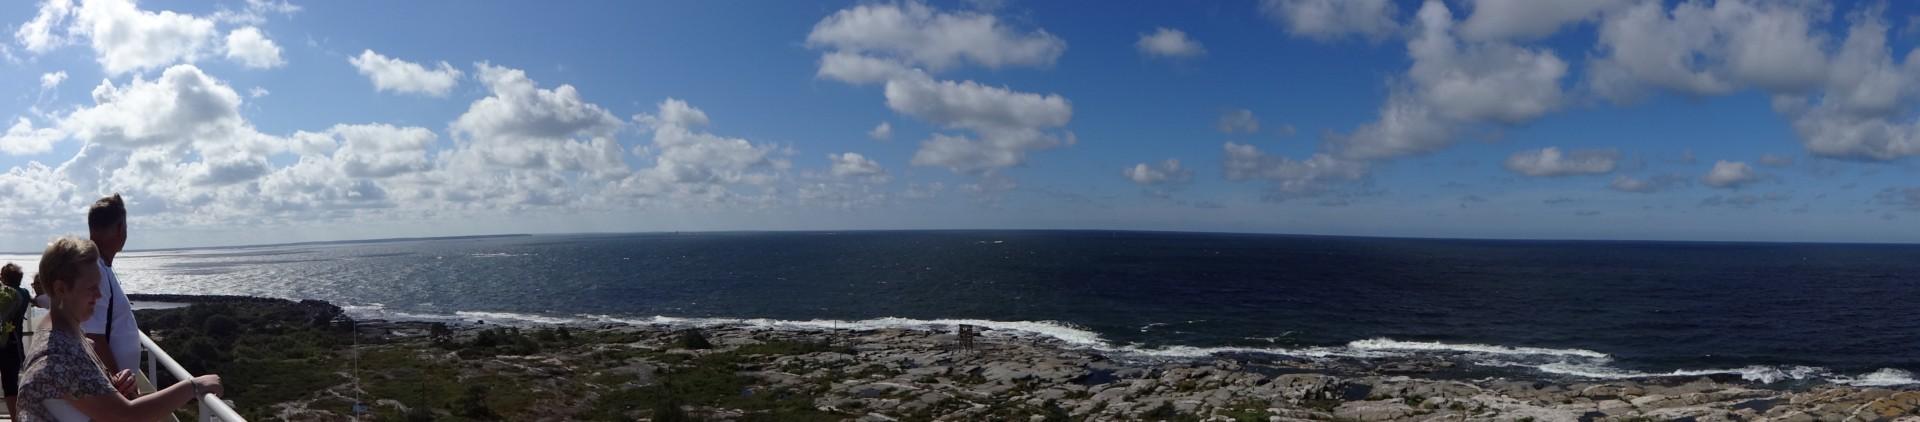 Matkailijoita Kylmäpihlajan majakan huipulla merimaisemaa ihailemassa